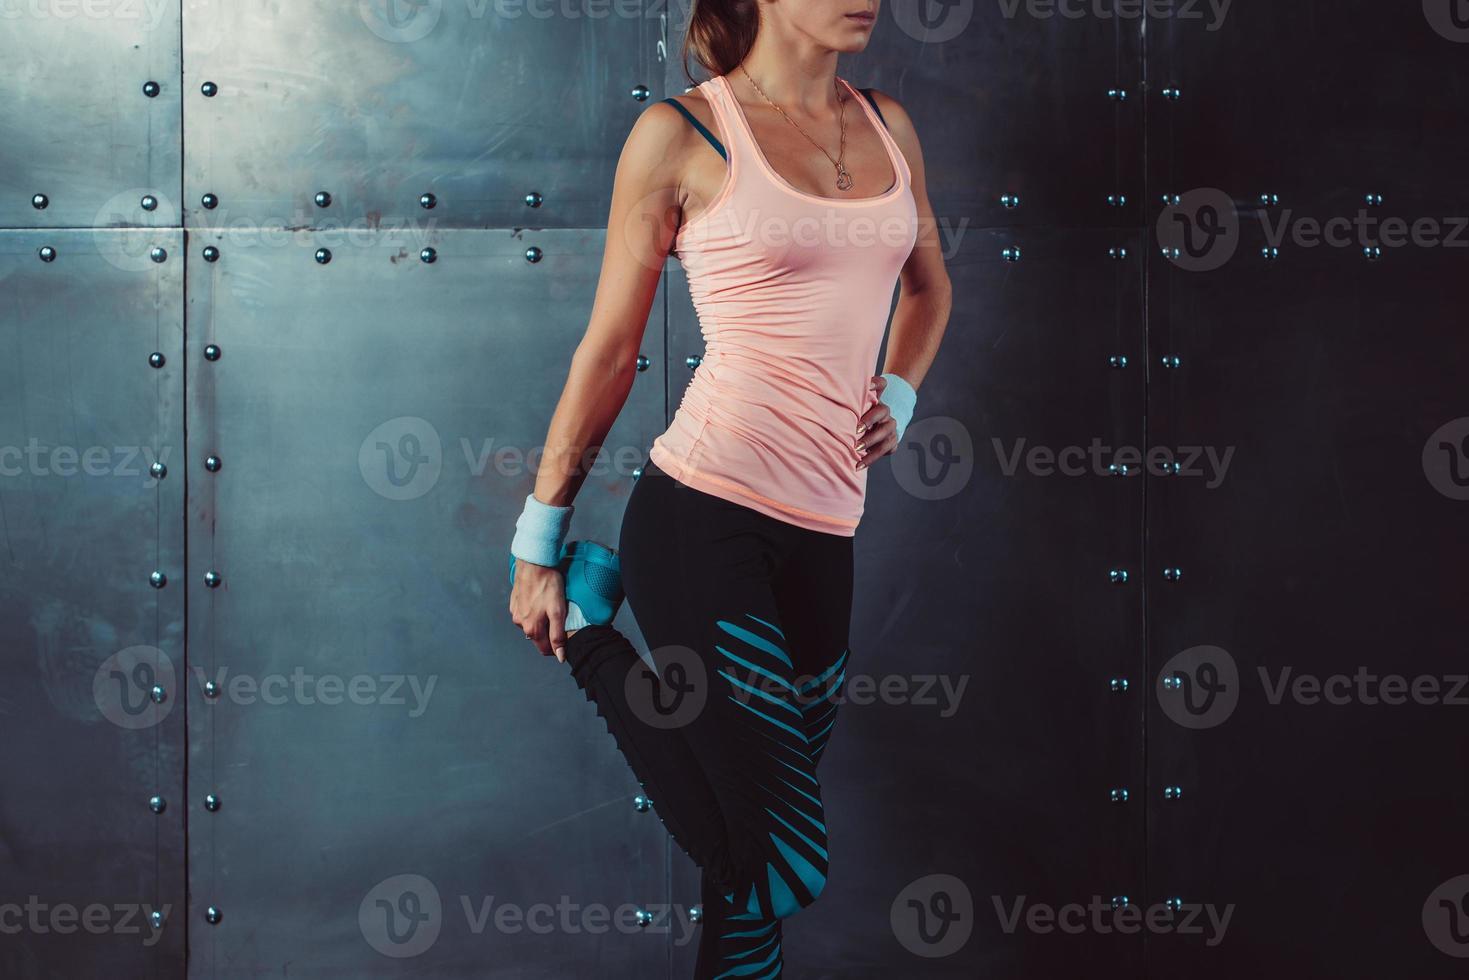 mulher de fitness, esticando as pernas ajuste corredor feminino fazendo alongamentos foto